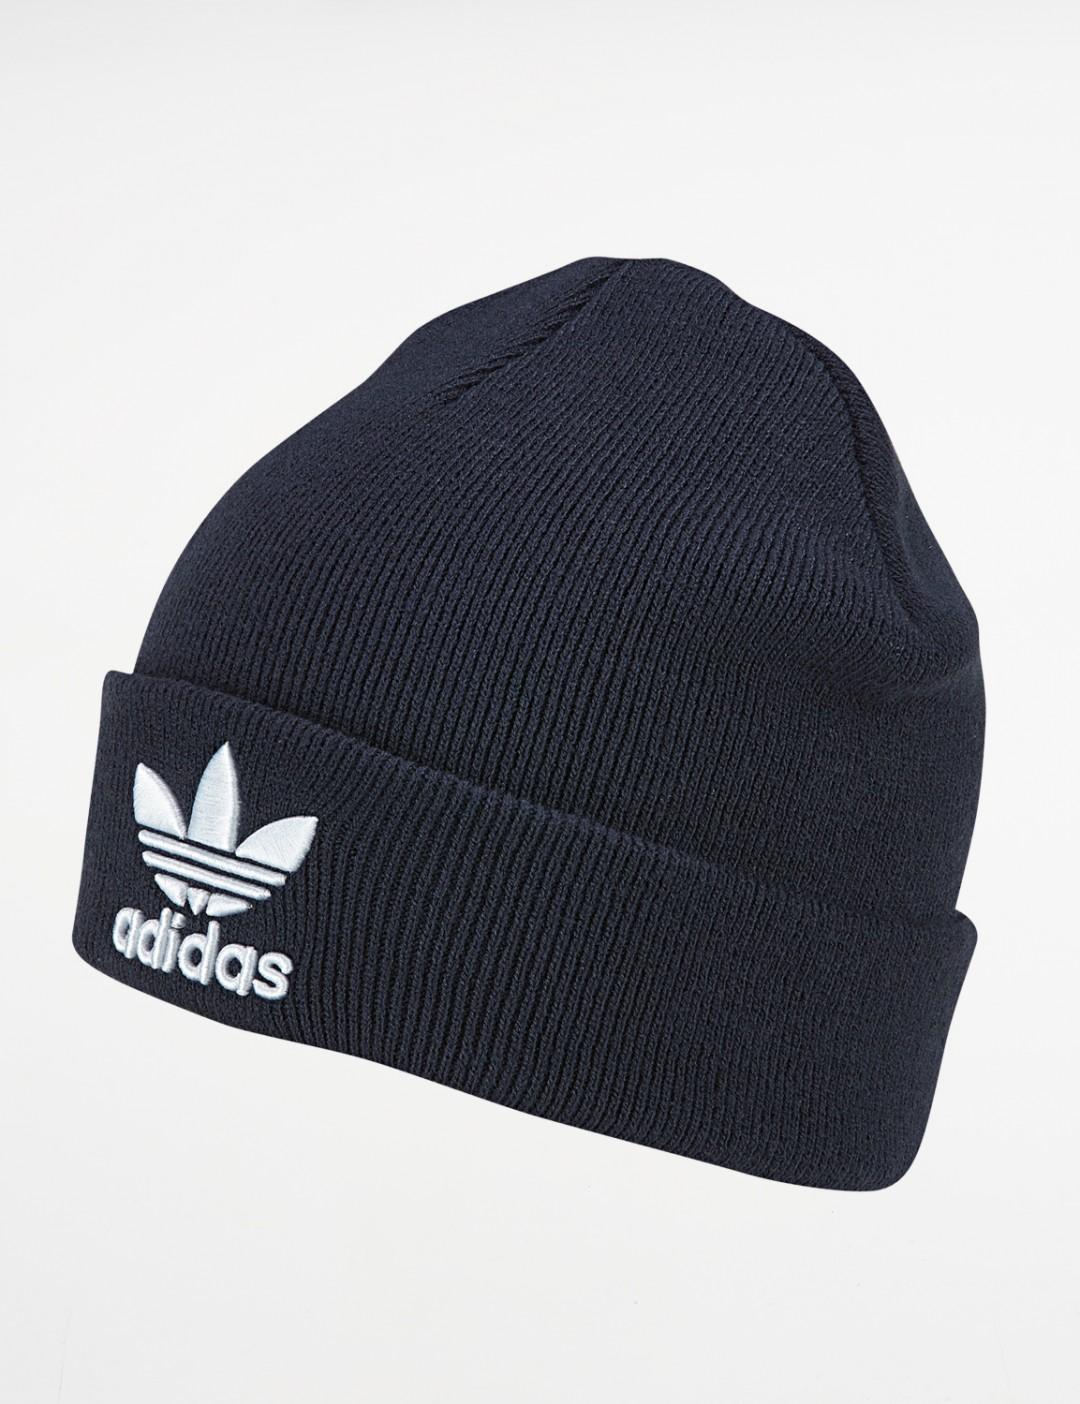 Adidas Originals barnkläder - TREFOIL BEANIE · Adidas Originals barnkläder  - TREFOIL BEANIE ... a4758e7a9c